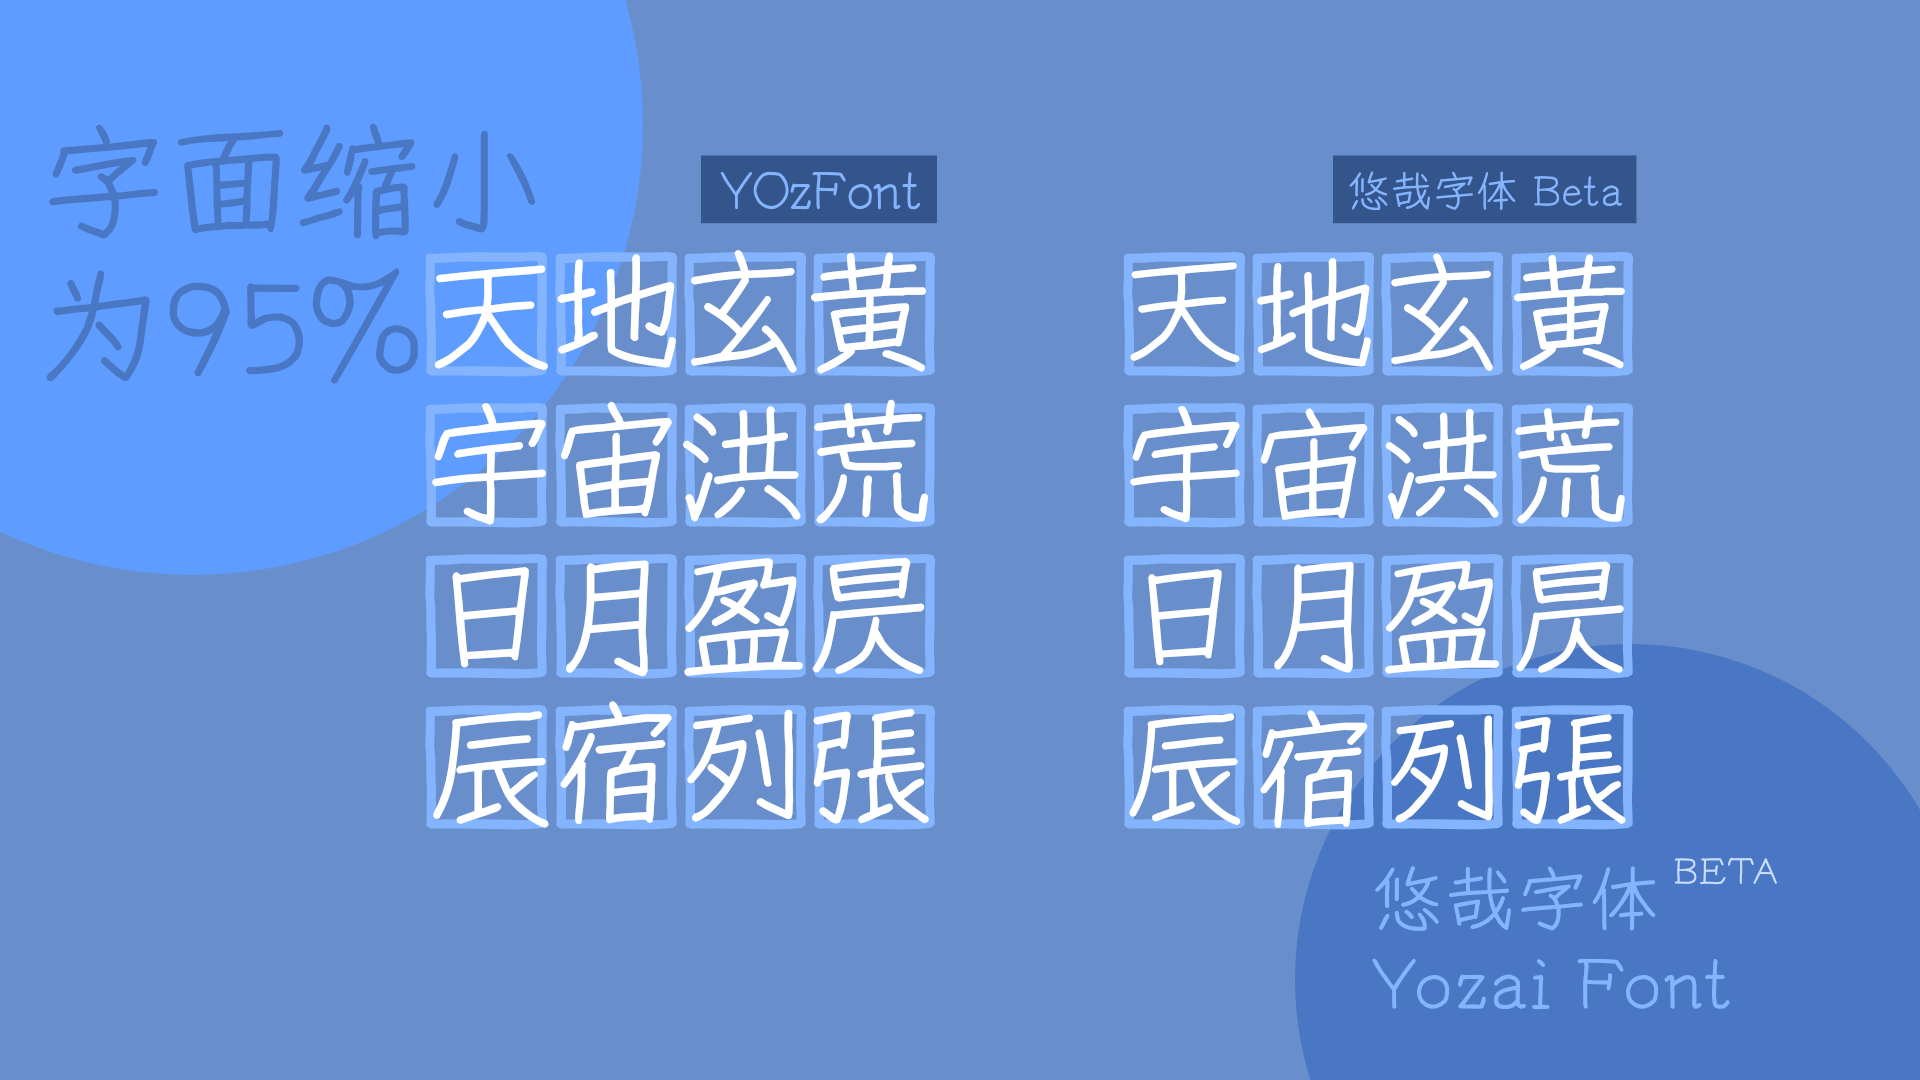 免费正版中文字体下载  -  悠哉字体 / Yozai Font